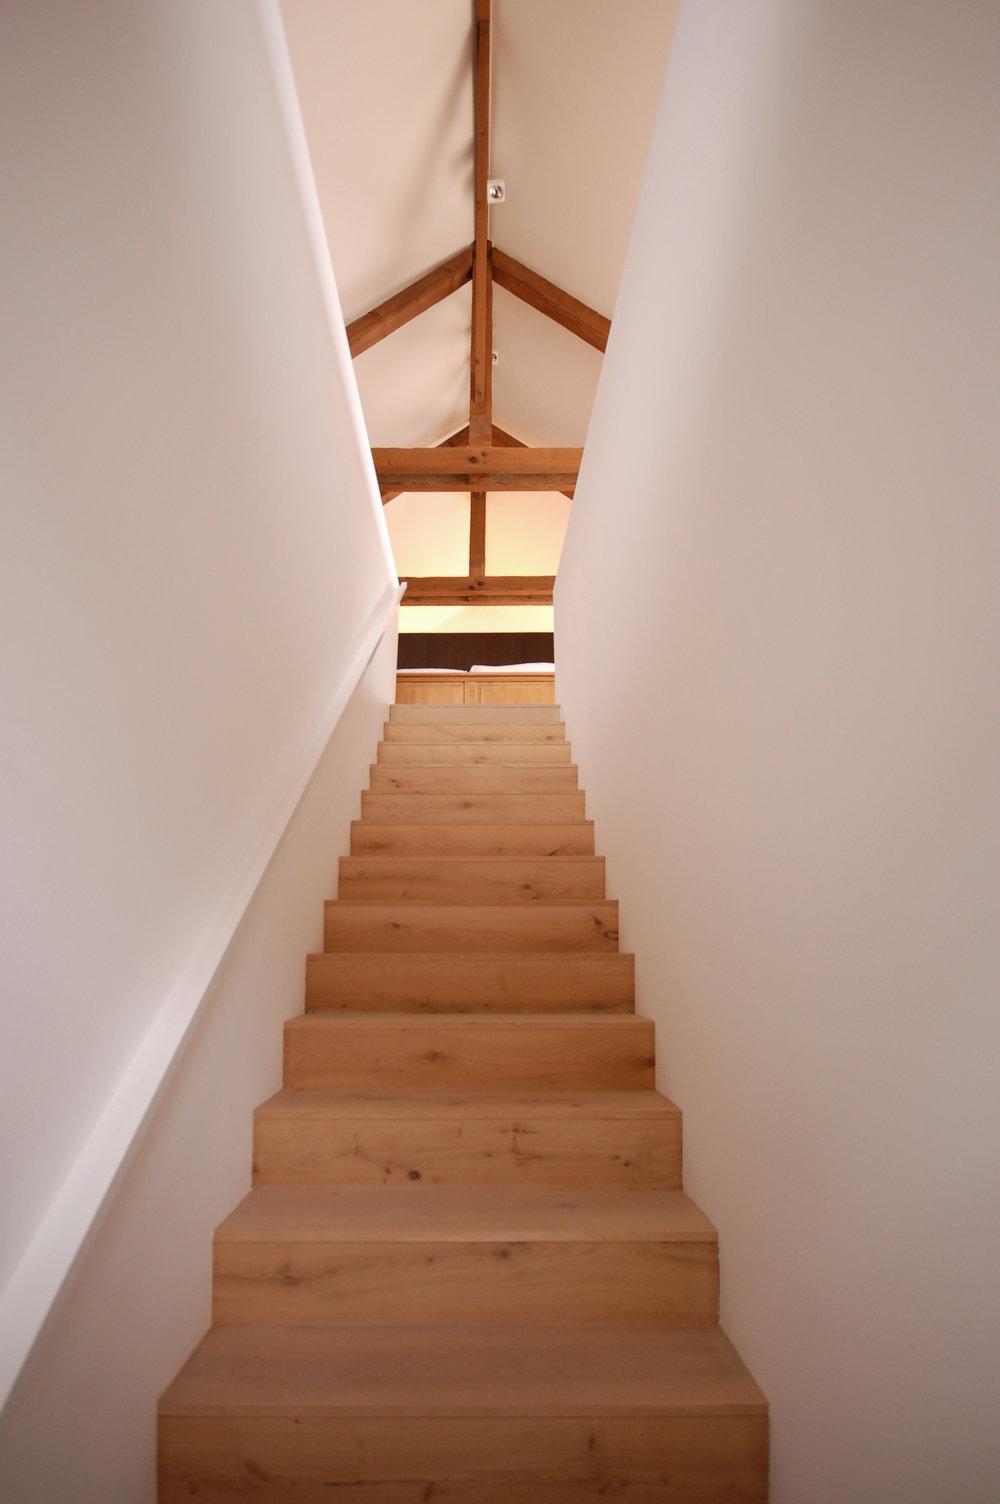 demeestervliegen-architecture-interior-interiorarchitecture-office7.jpg